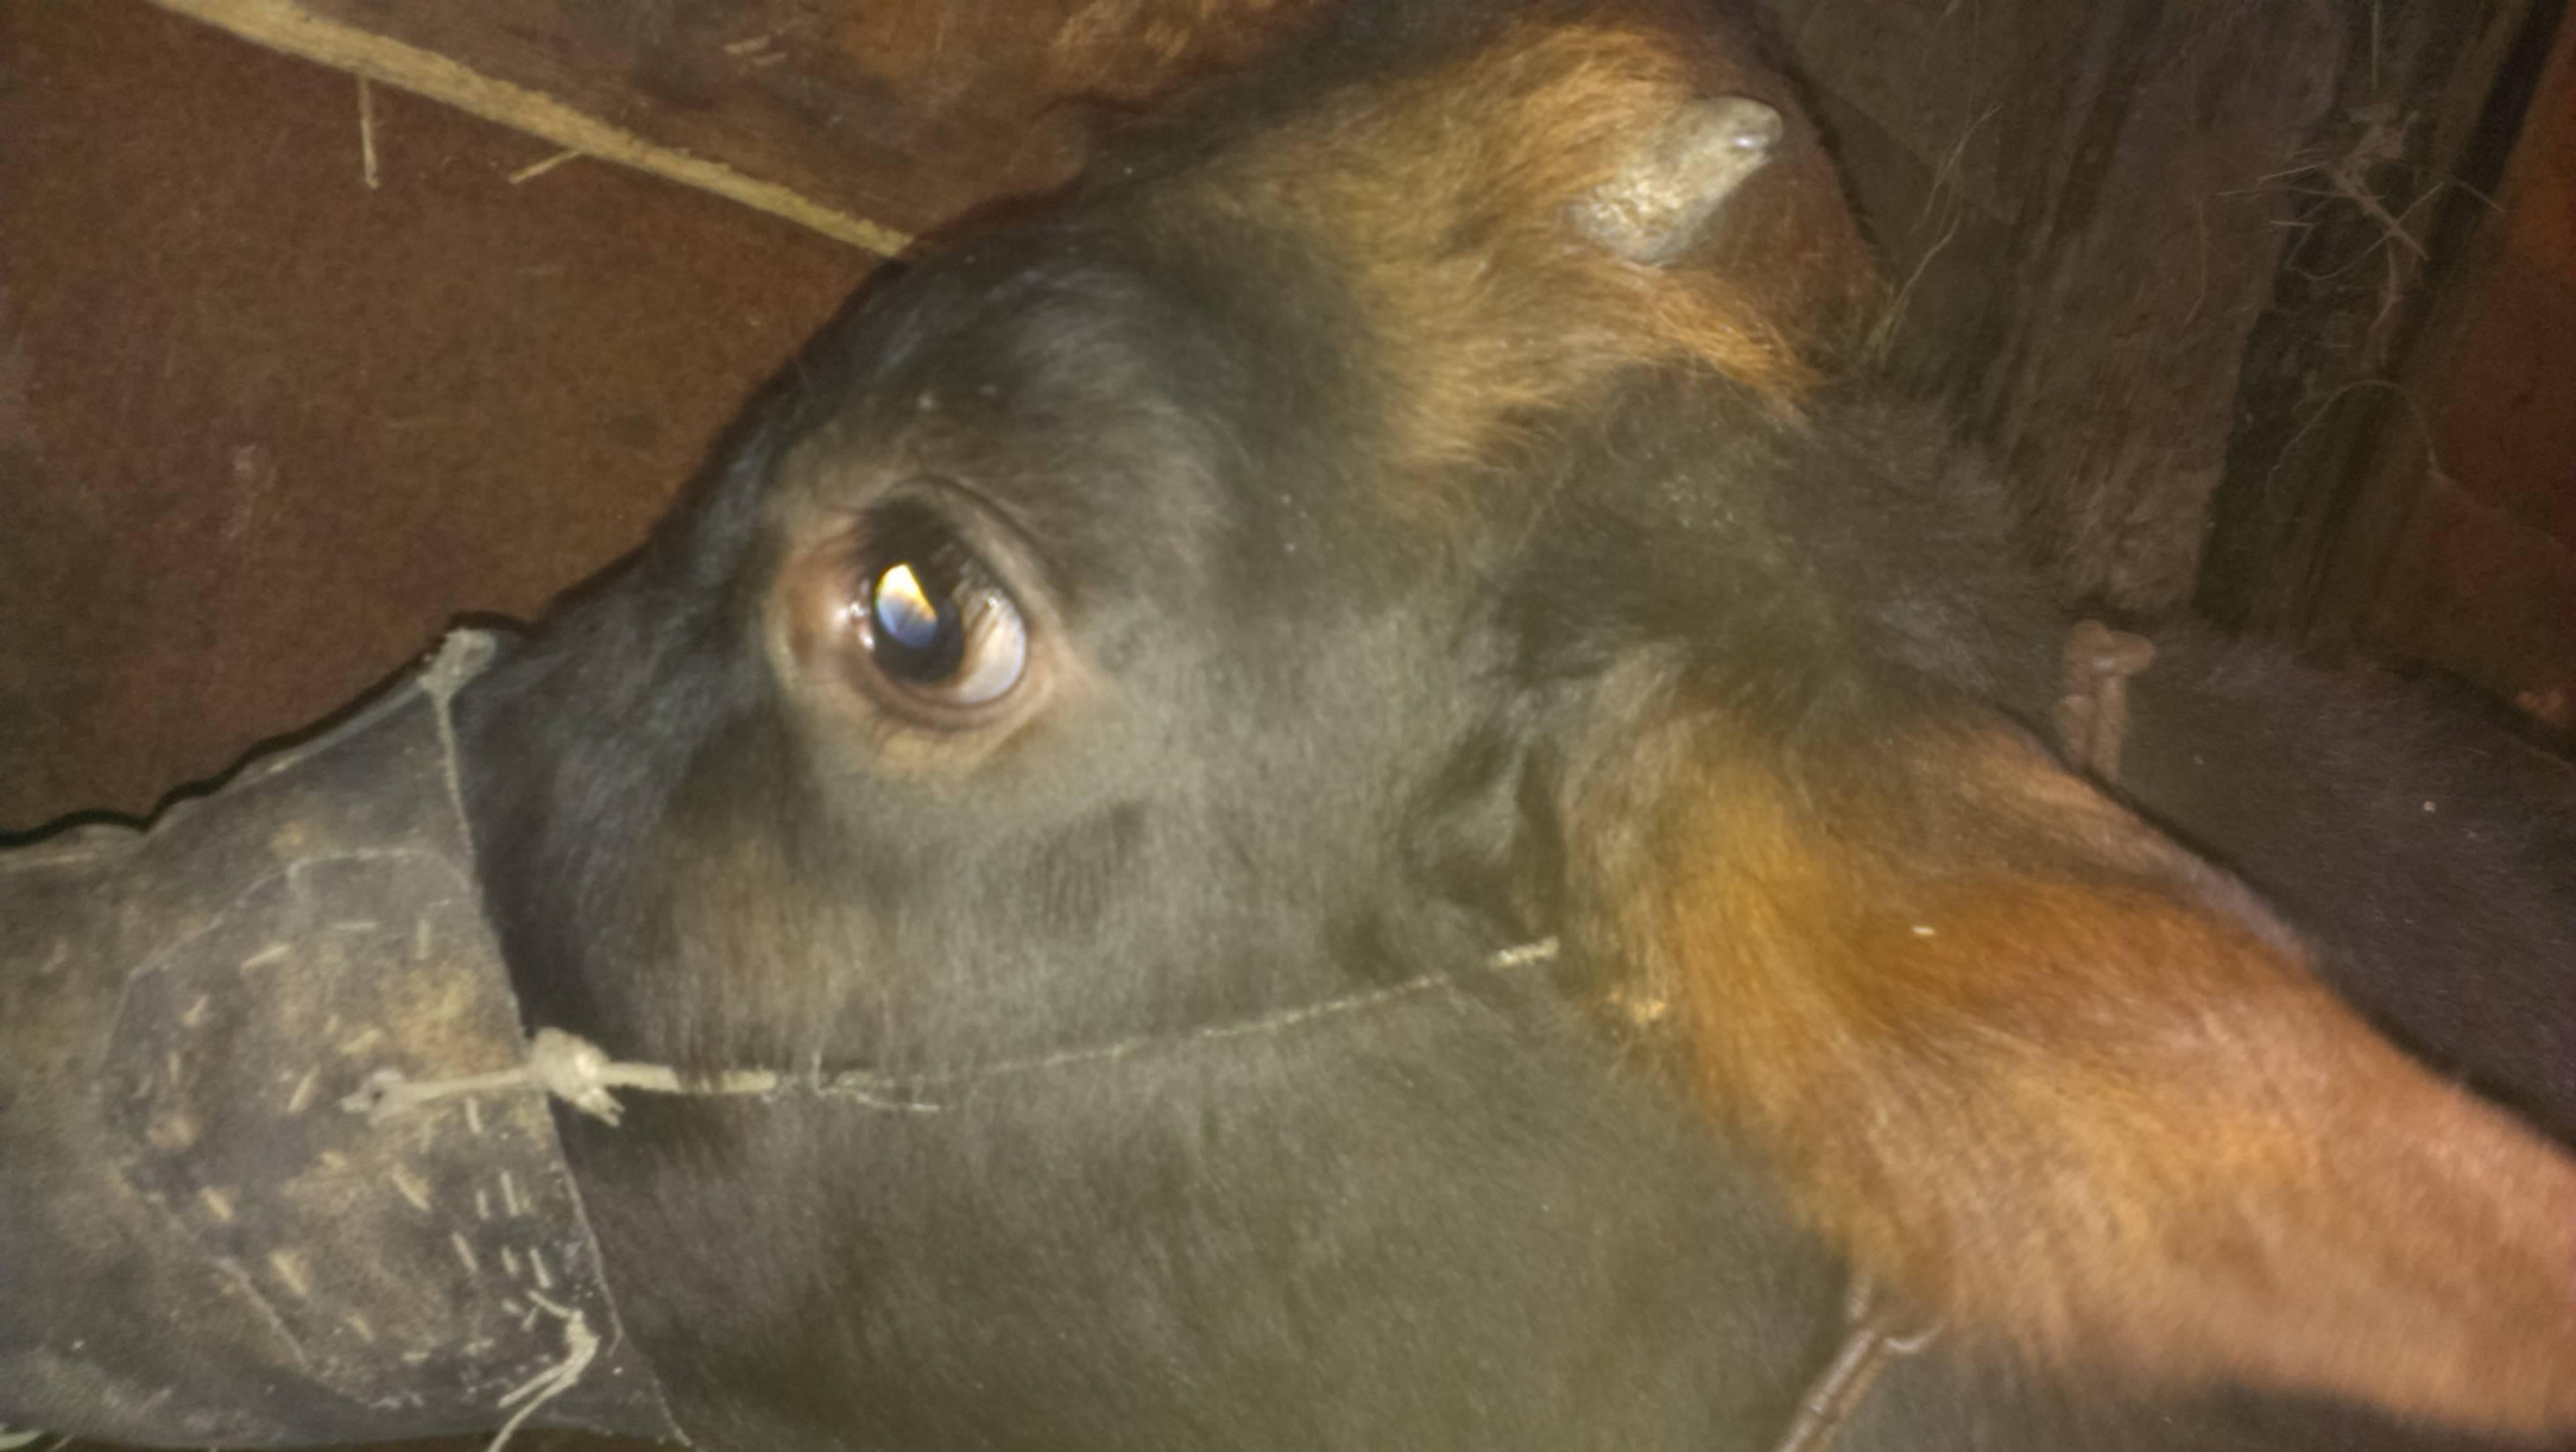 Как отучить теленка от коровы: эффективные методы отучения от вымени